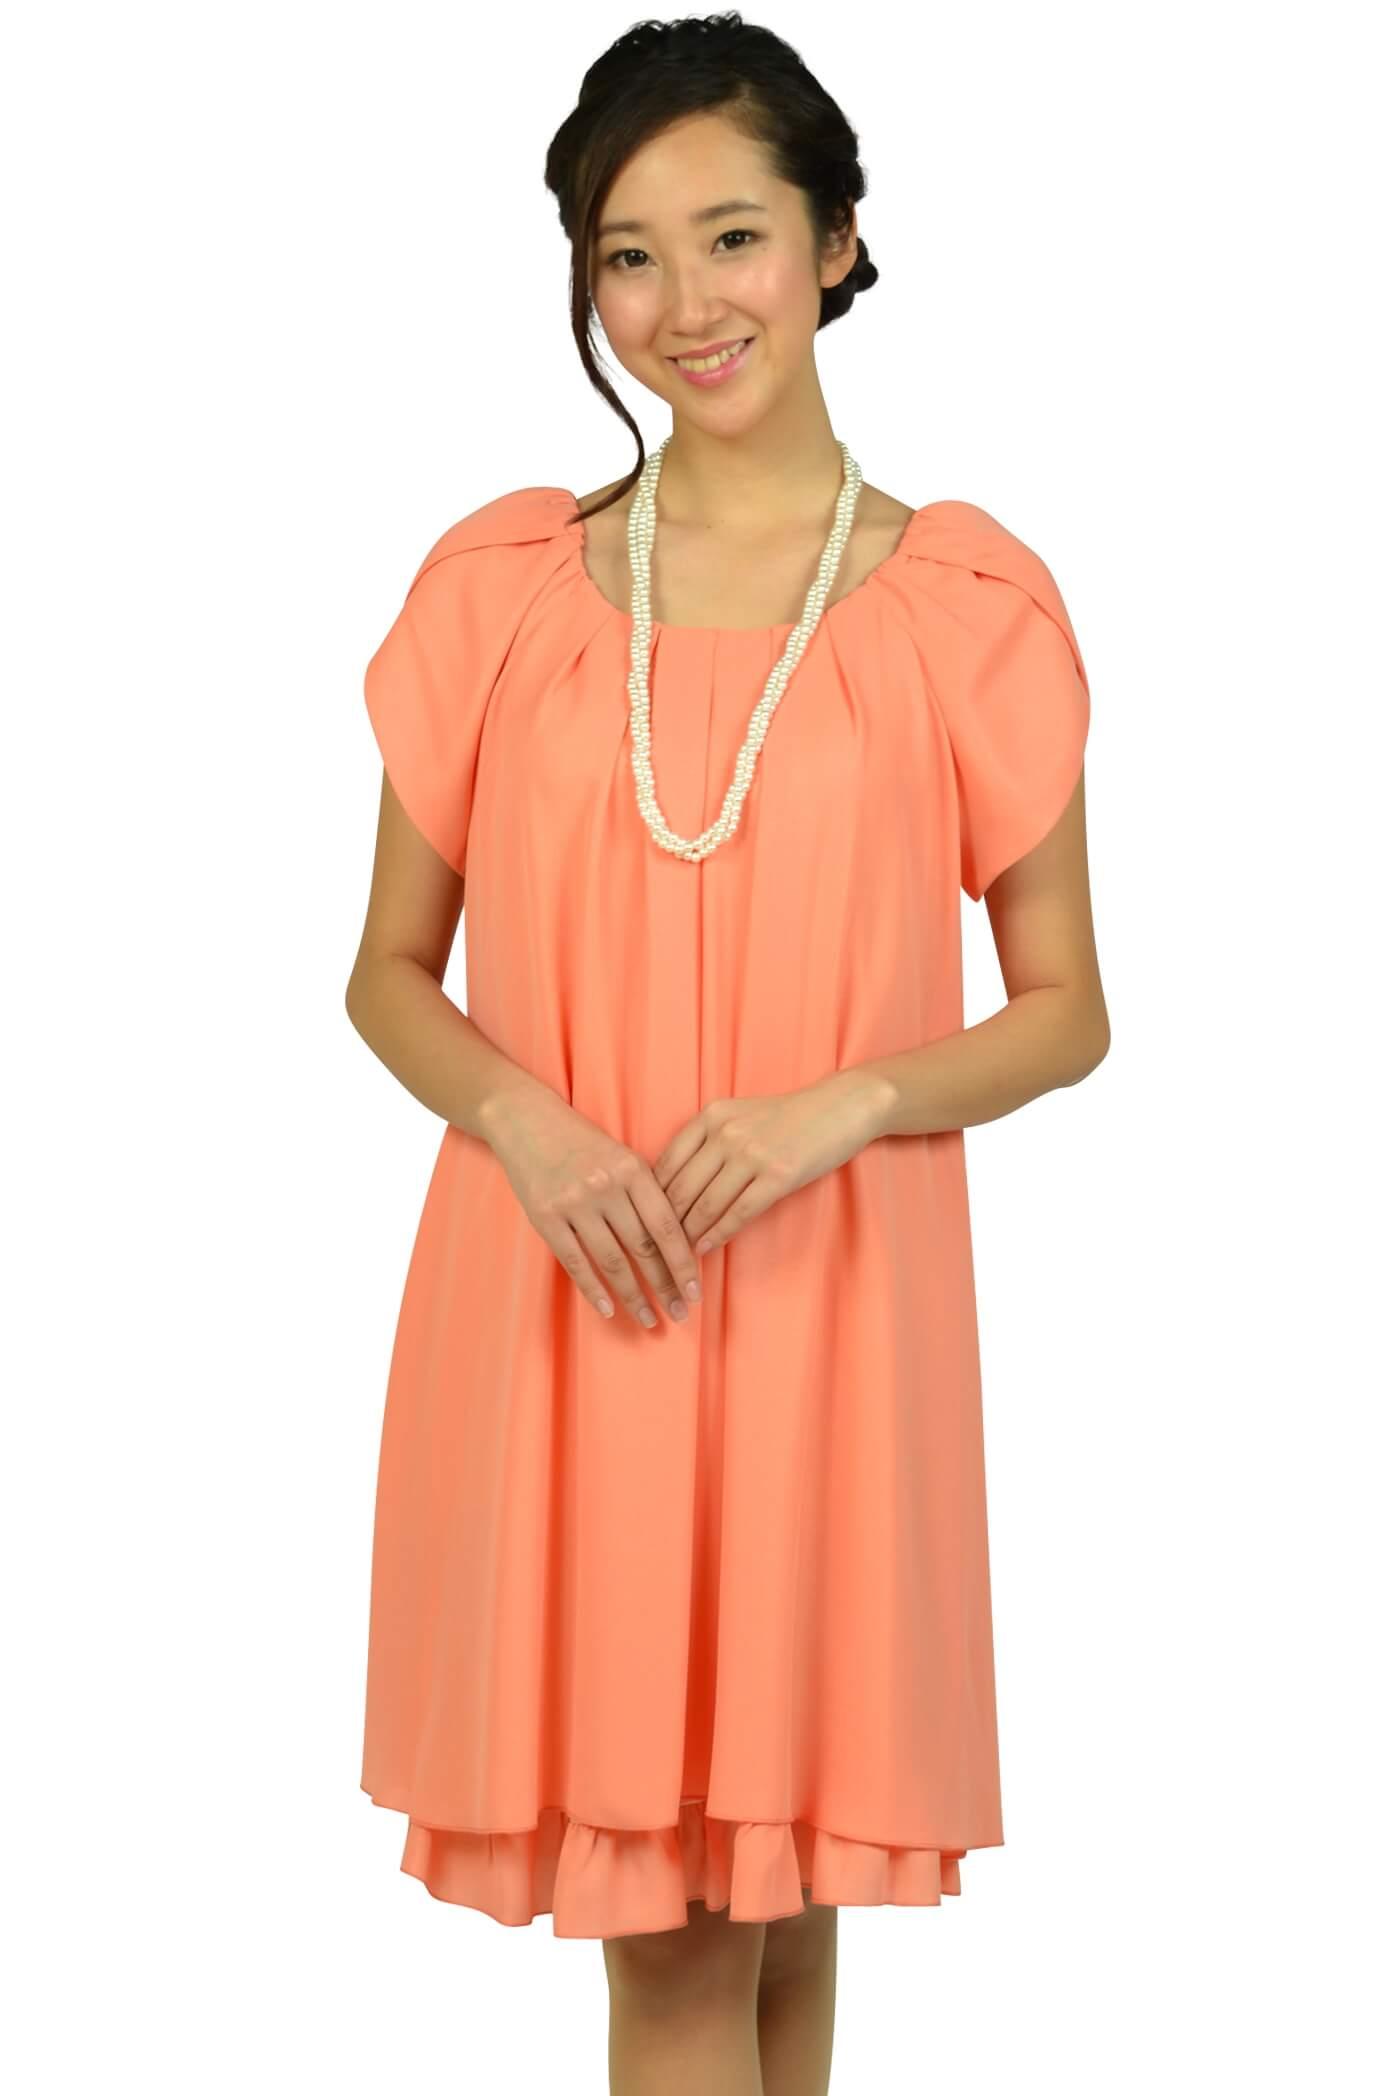 アプレジュール (Apres jour)ラメフリルコーラルオレンジドレス